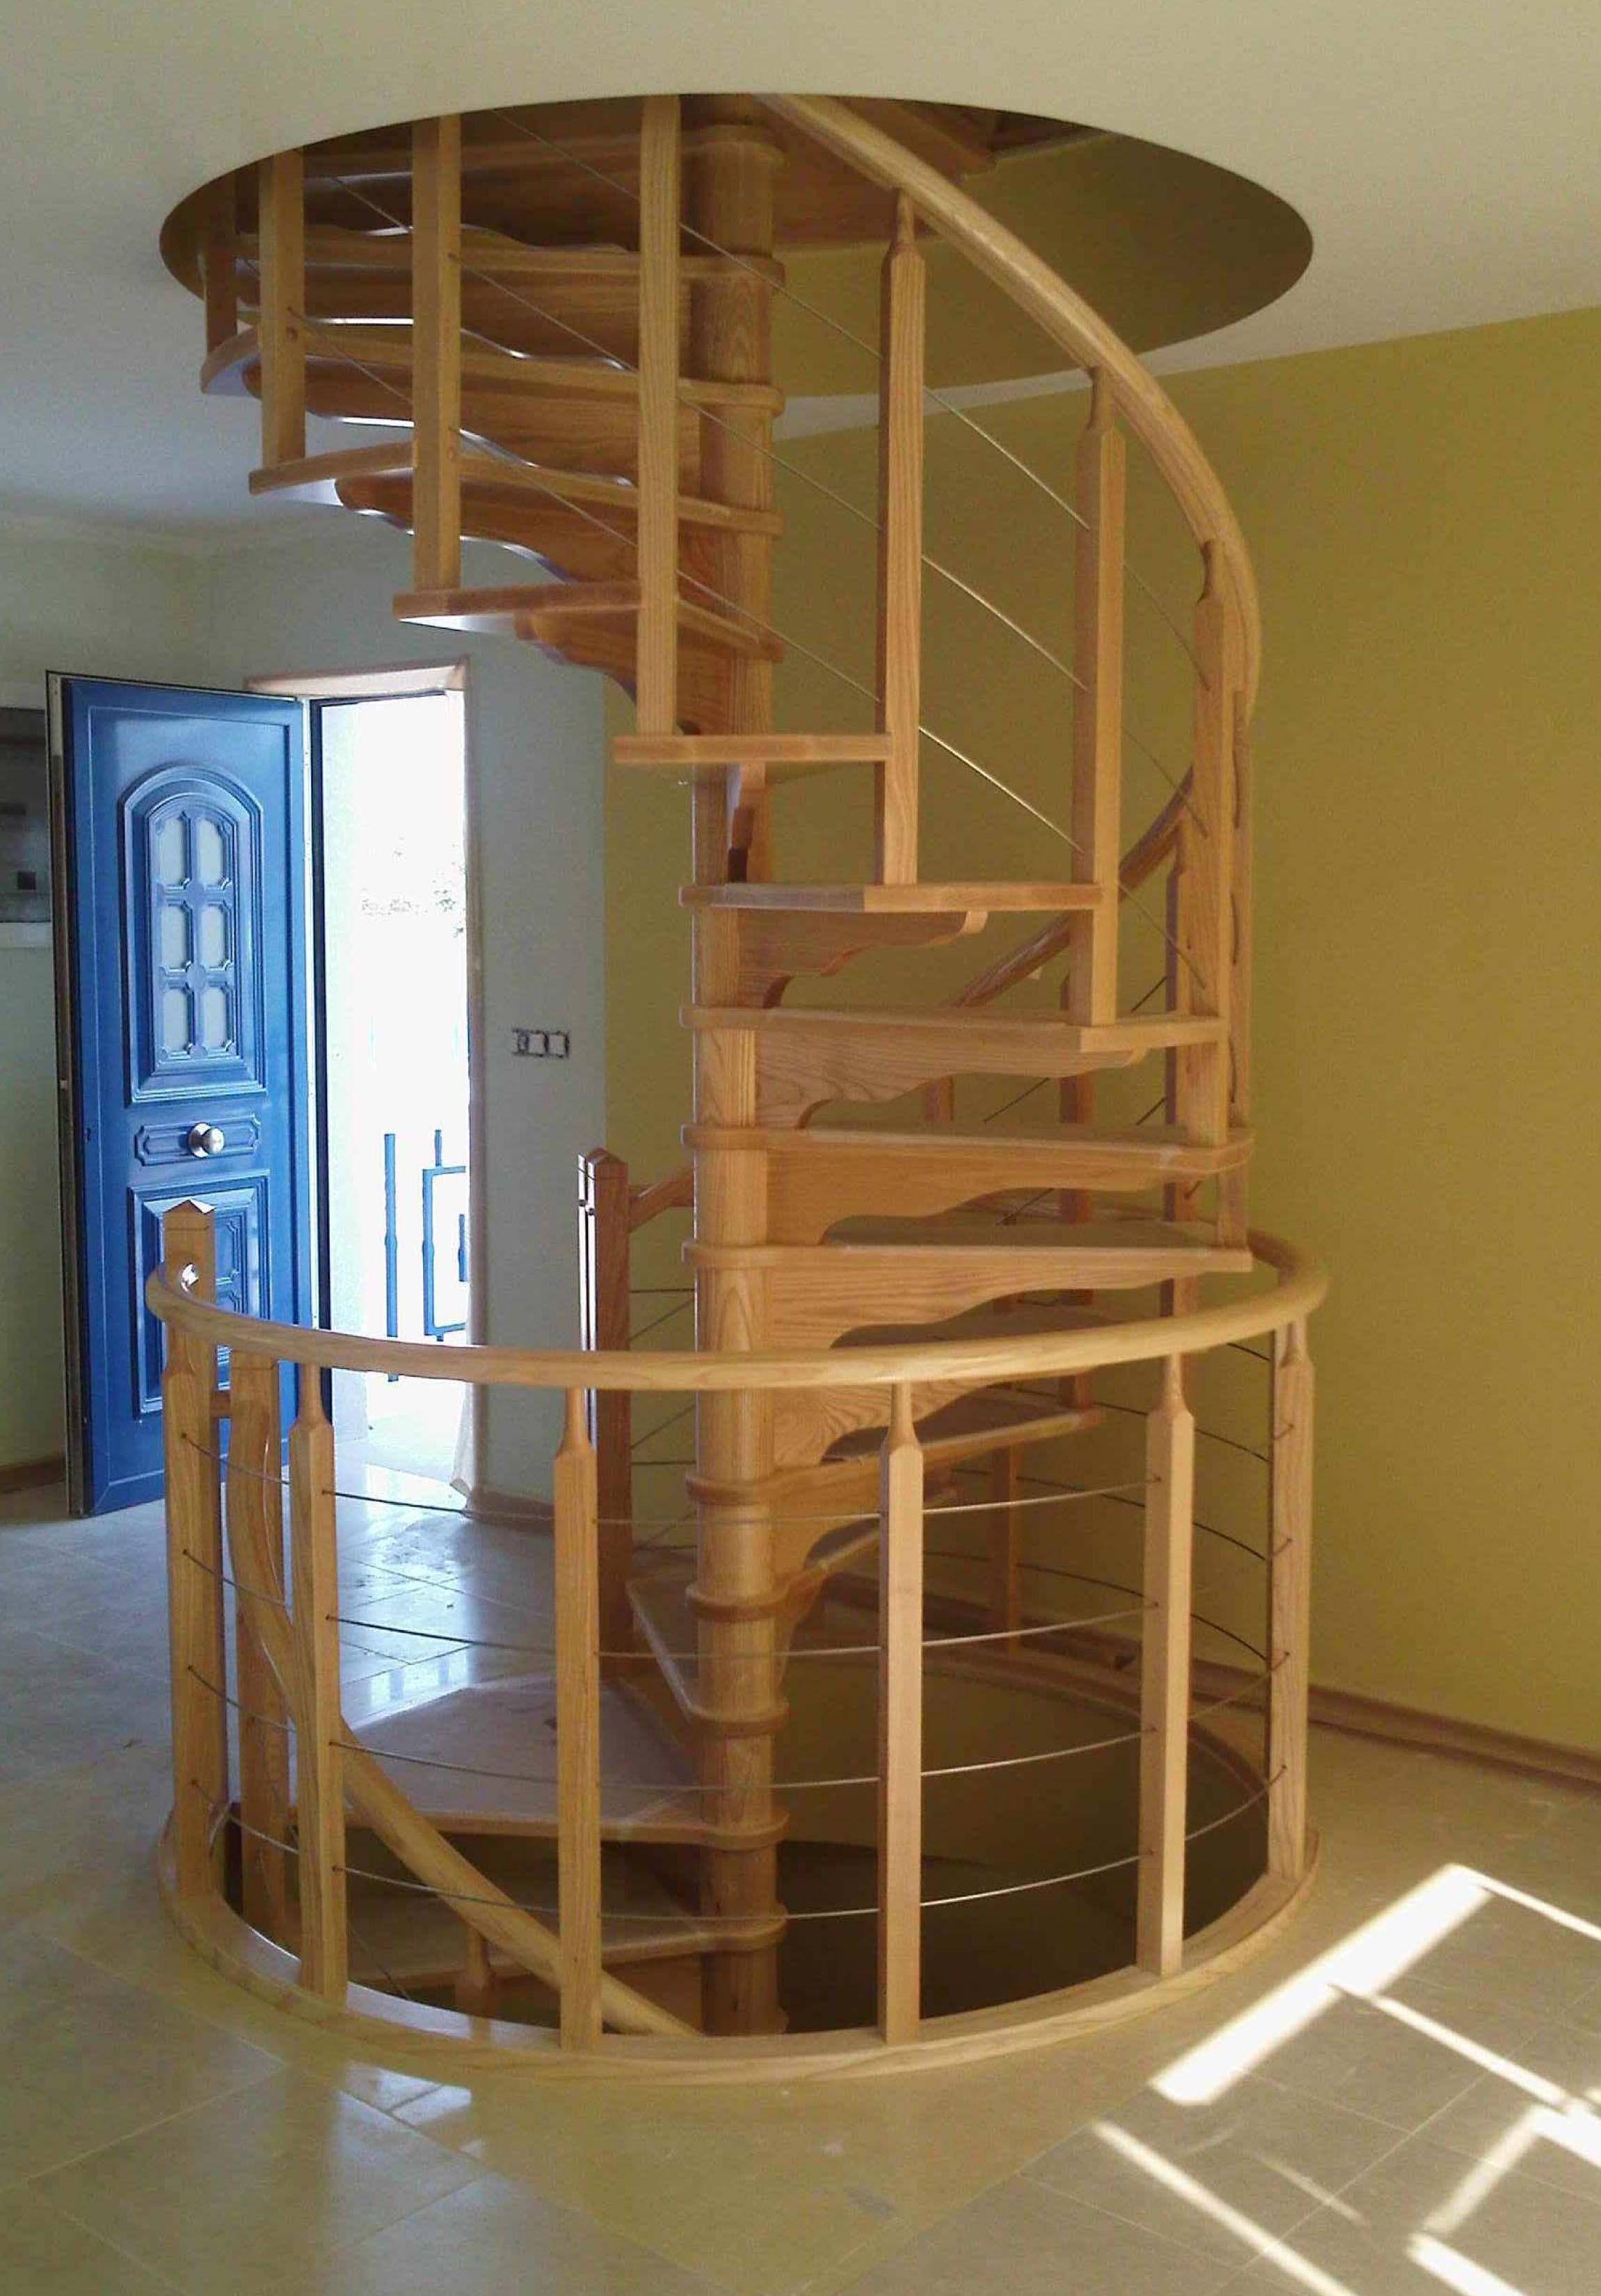 Escalera de caracol medidas affordable escalera de obra - Dimensiones escalera de caracol ...